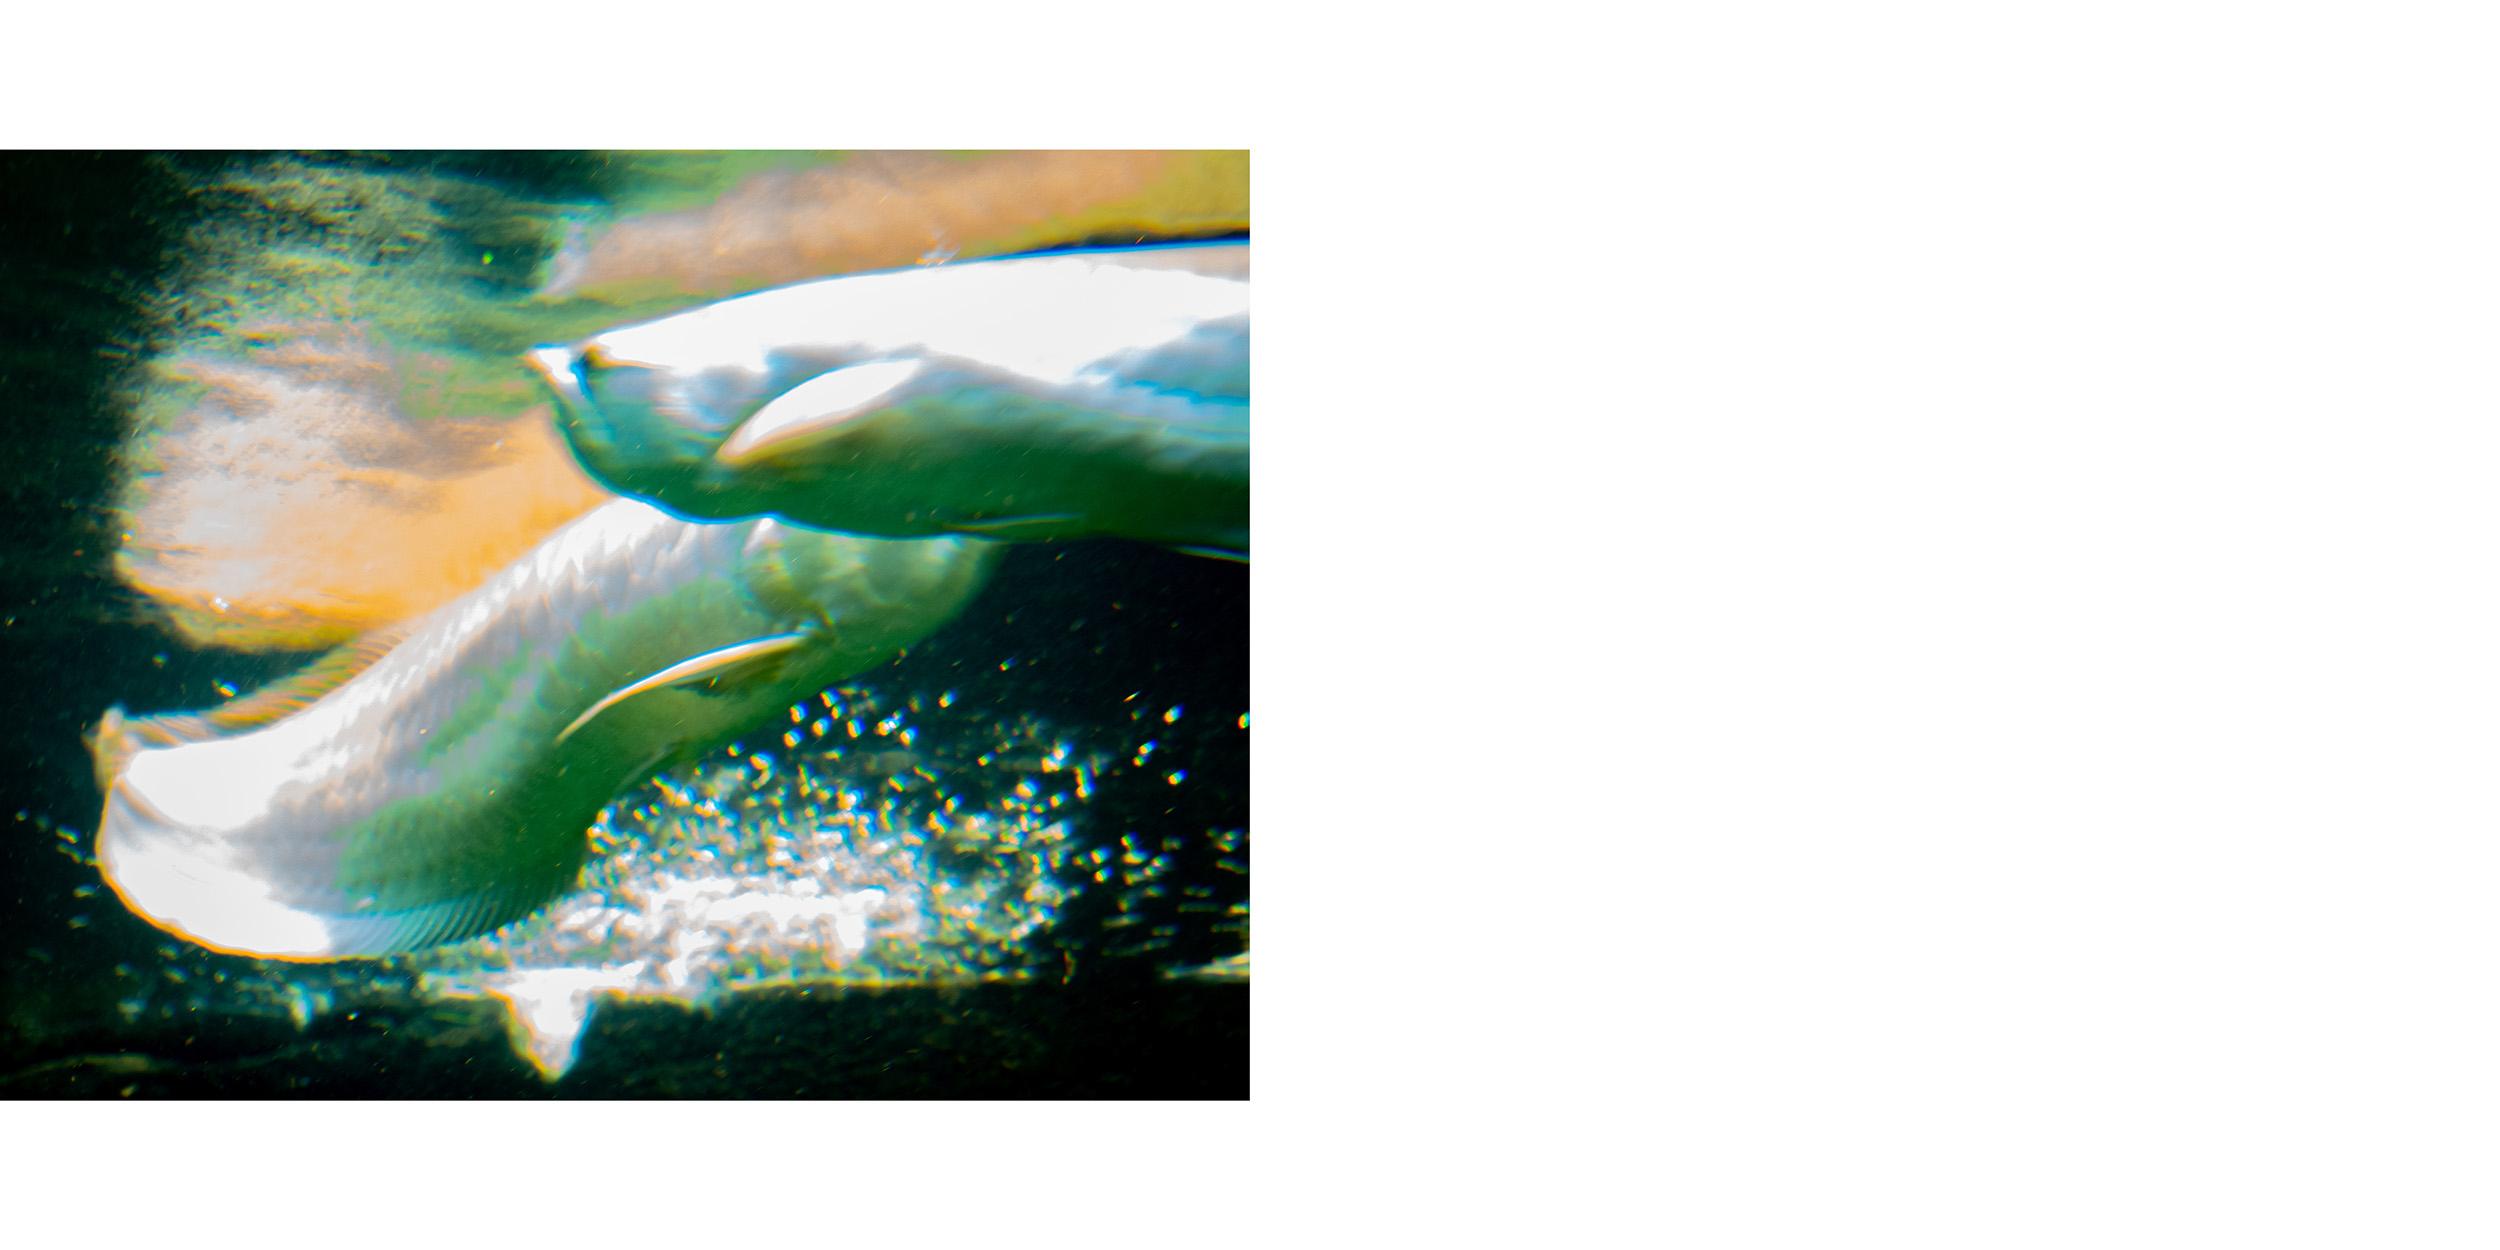 fotoskolen fatamorgana_32-33.jpg